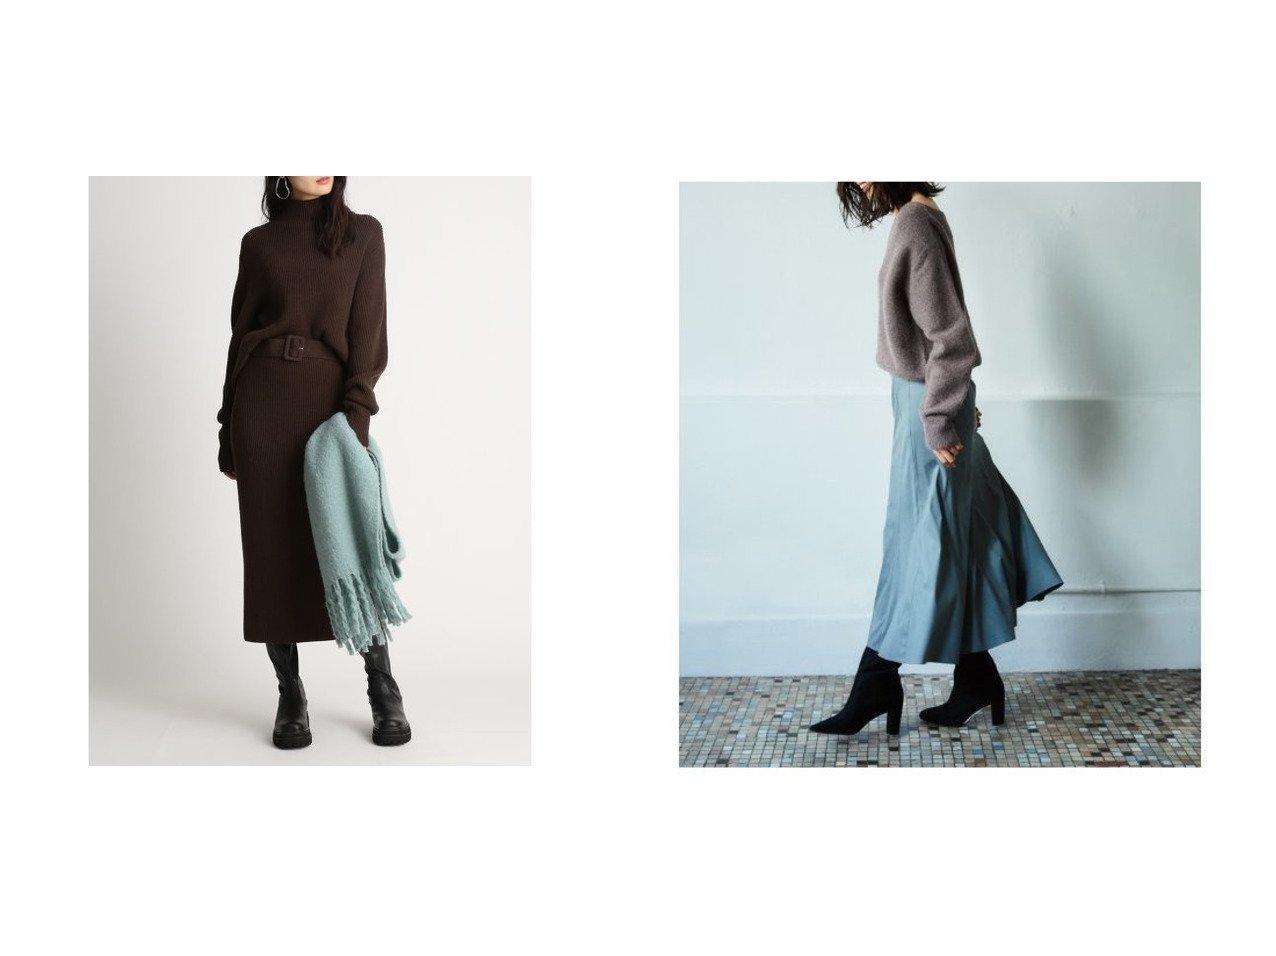 【FRAY I.D/フレイ アイディー】のフェイクスエードスカート&【Mila Owen/ミラオーウェン】のハイネックニットストレートスカートSET スカートのおすすめ!人気トレンド・レディースファッションの通販 おすすめで人気のファッション通販商品 インテリア・家具・キッズファッション・メンズファッション・レディースファッション・服の通販 founy(ファニー) https://founy.com/ ファッション Fashion レディース WOMEN セットアップ Setup トップス Tops スカート Skirt スカート Skirt ストレート スマート セットアップ 人気 ハイネック ボトルネック ロング 冬 Winter フェイクスエード マーメイド ラベンダー |ID:crp329100000007255